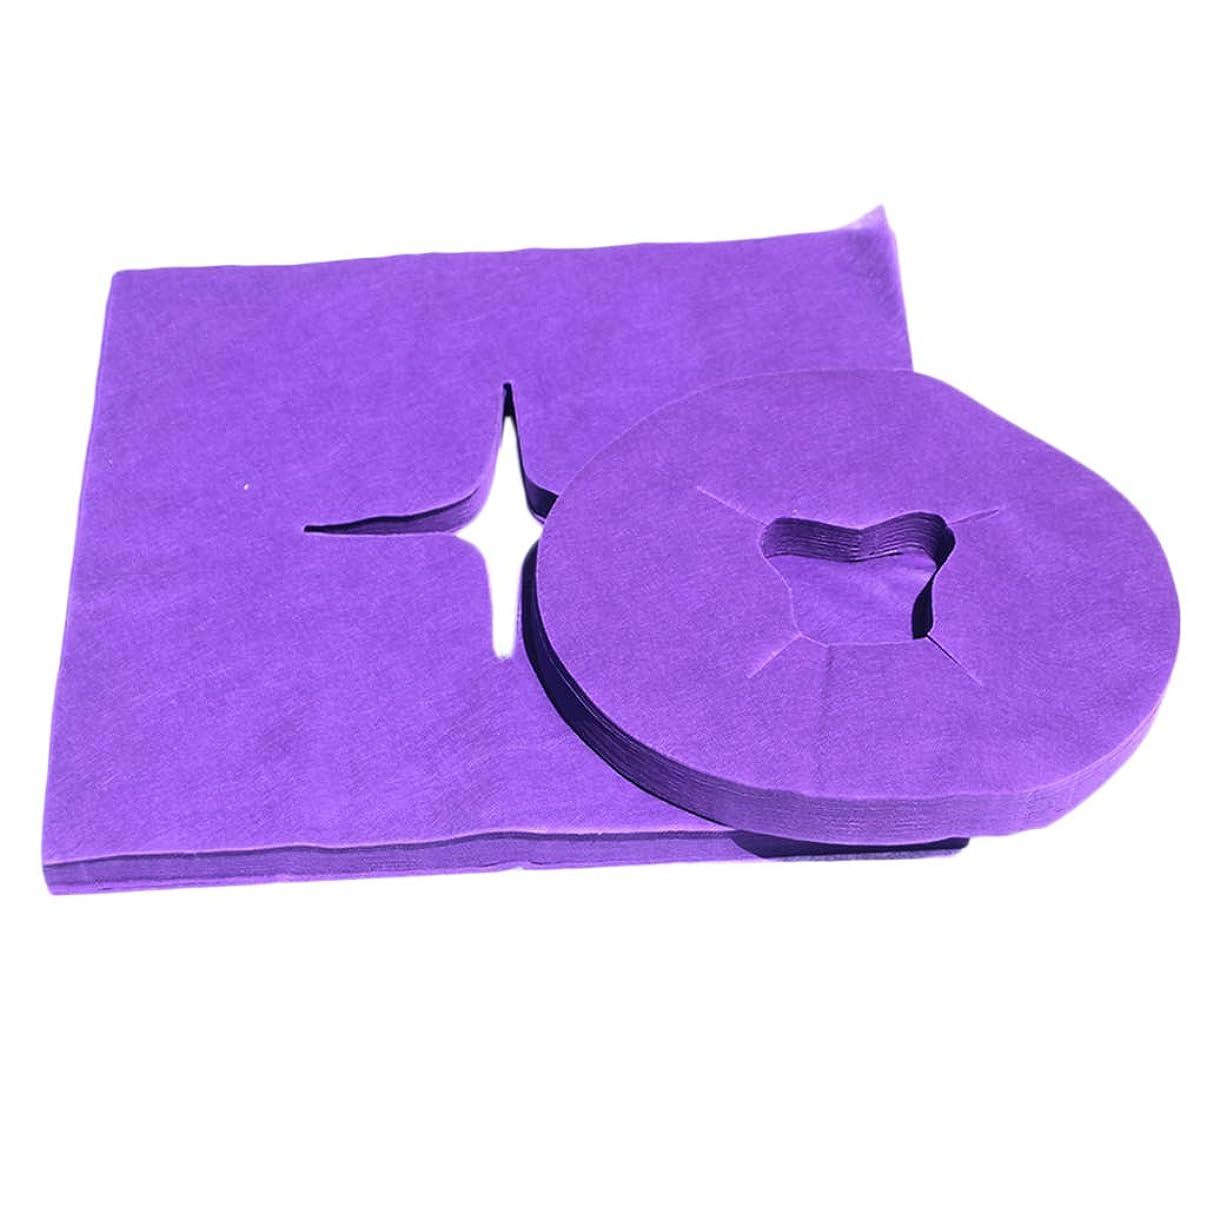 ストラップ死にかけているセレナdailymall 200個の使い捨てフェイスクレードルカバー-マッサージテーブルチェア用の超ソフト、非粘着マッサージフェイスカバーとヘッドレストカバー - 紫の